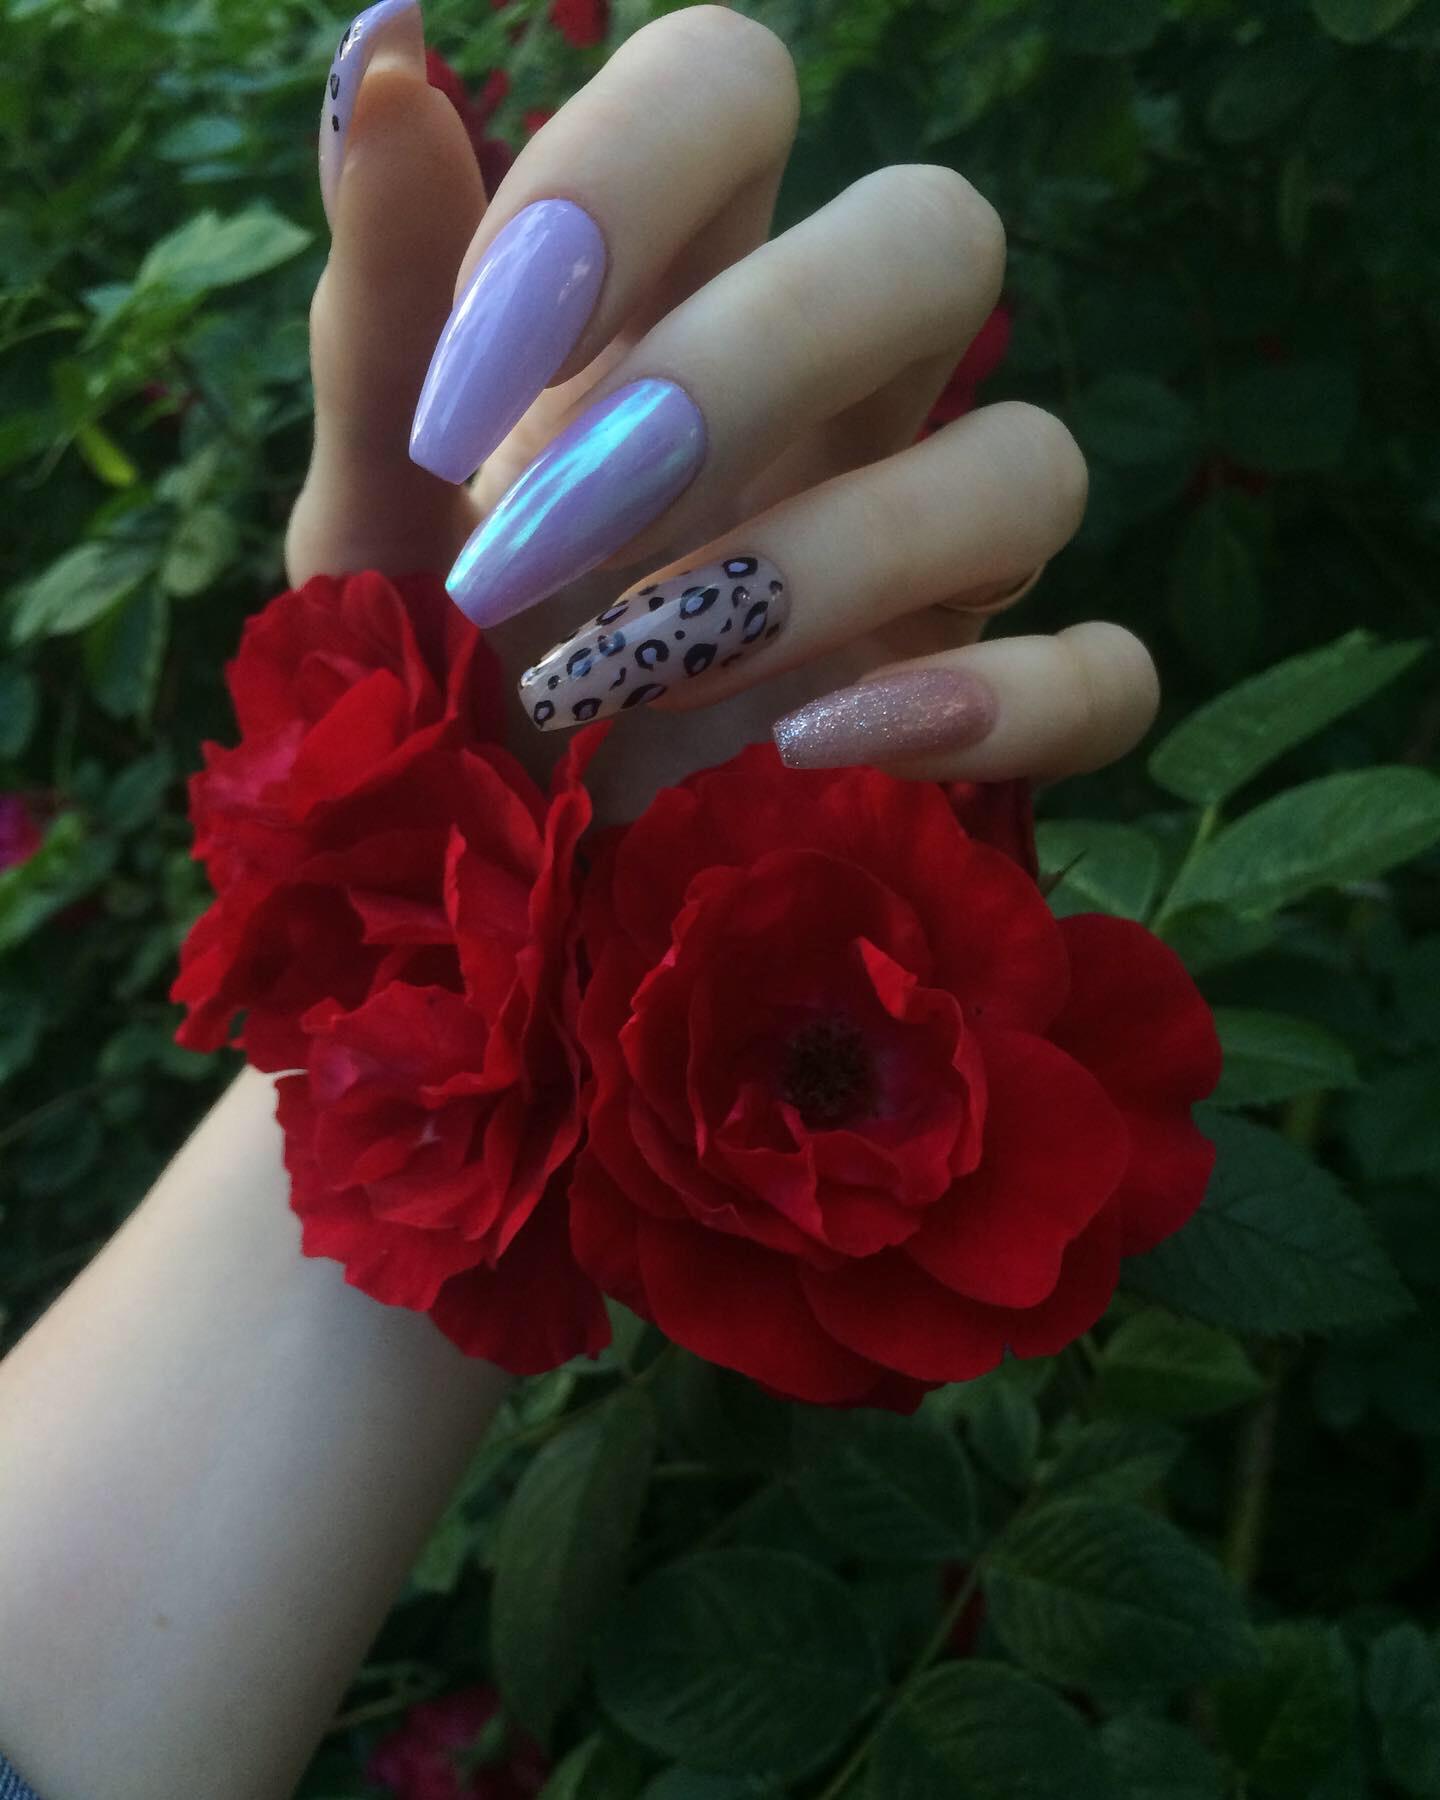 Маникюр с леопардовым принтом и втиркой в фиолетовом цвете на длинные ногти.